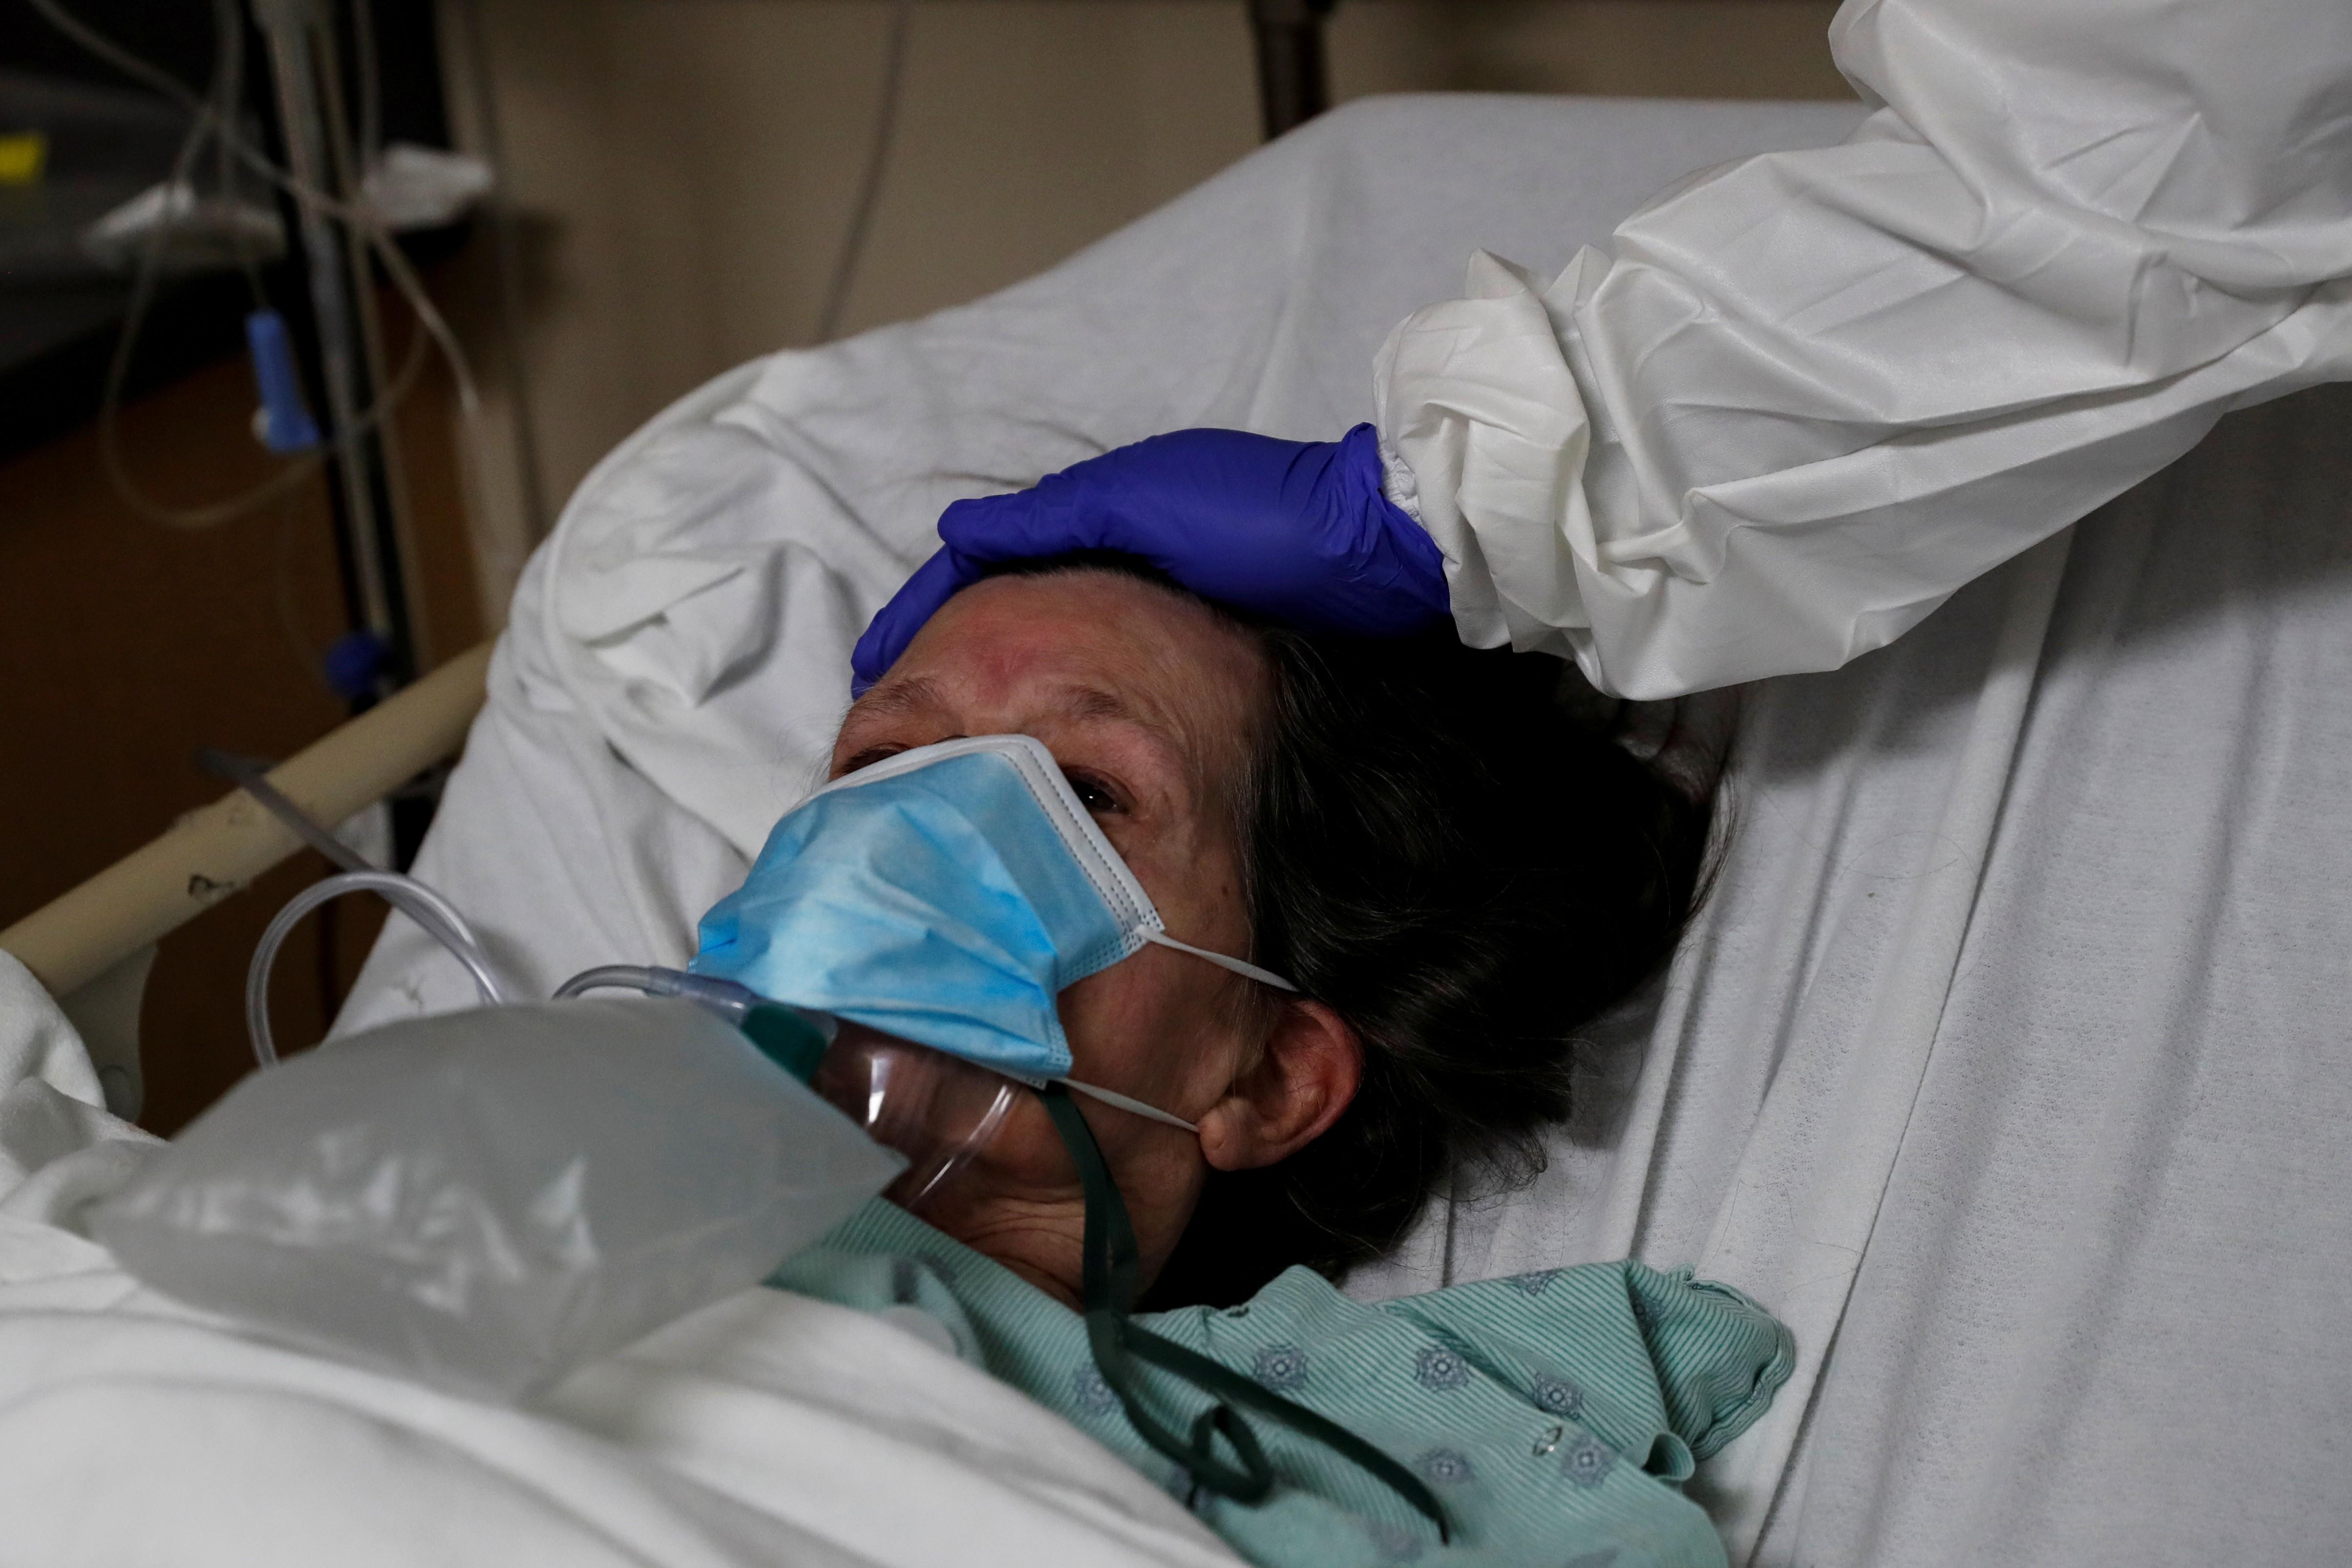 EUA enfrentam recorde de mais 100 mil hospitalizados por Covid-19; mortes em um só dia também chegam ao seu maior pico